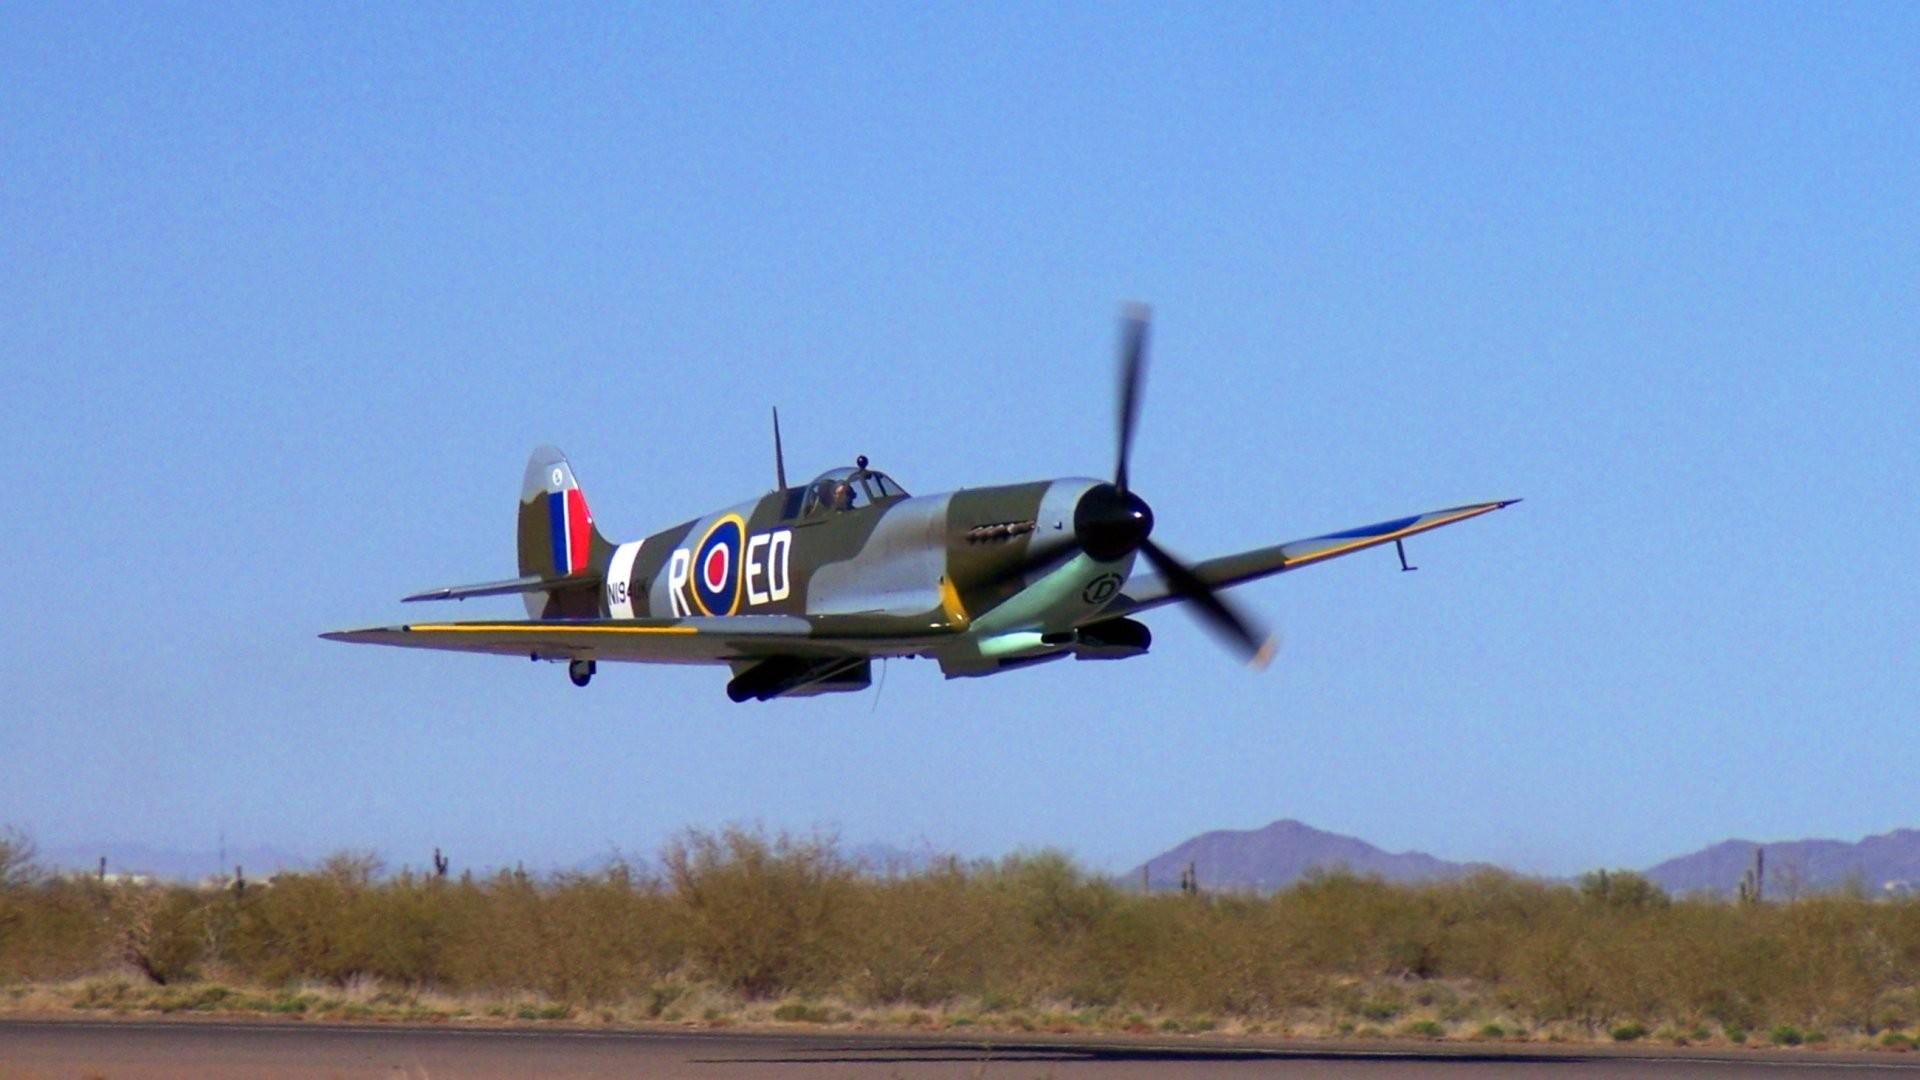 Aircraft Supermarine Spitfire Spitfire wallpaper ...